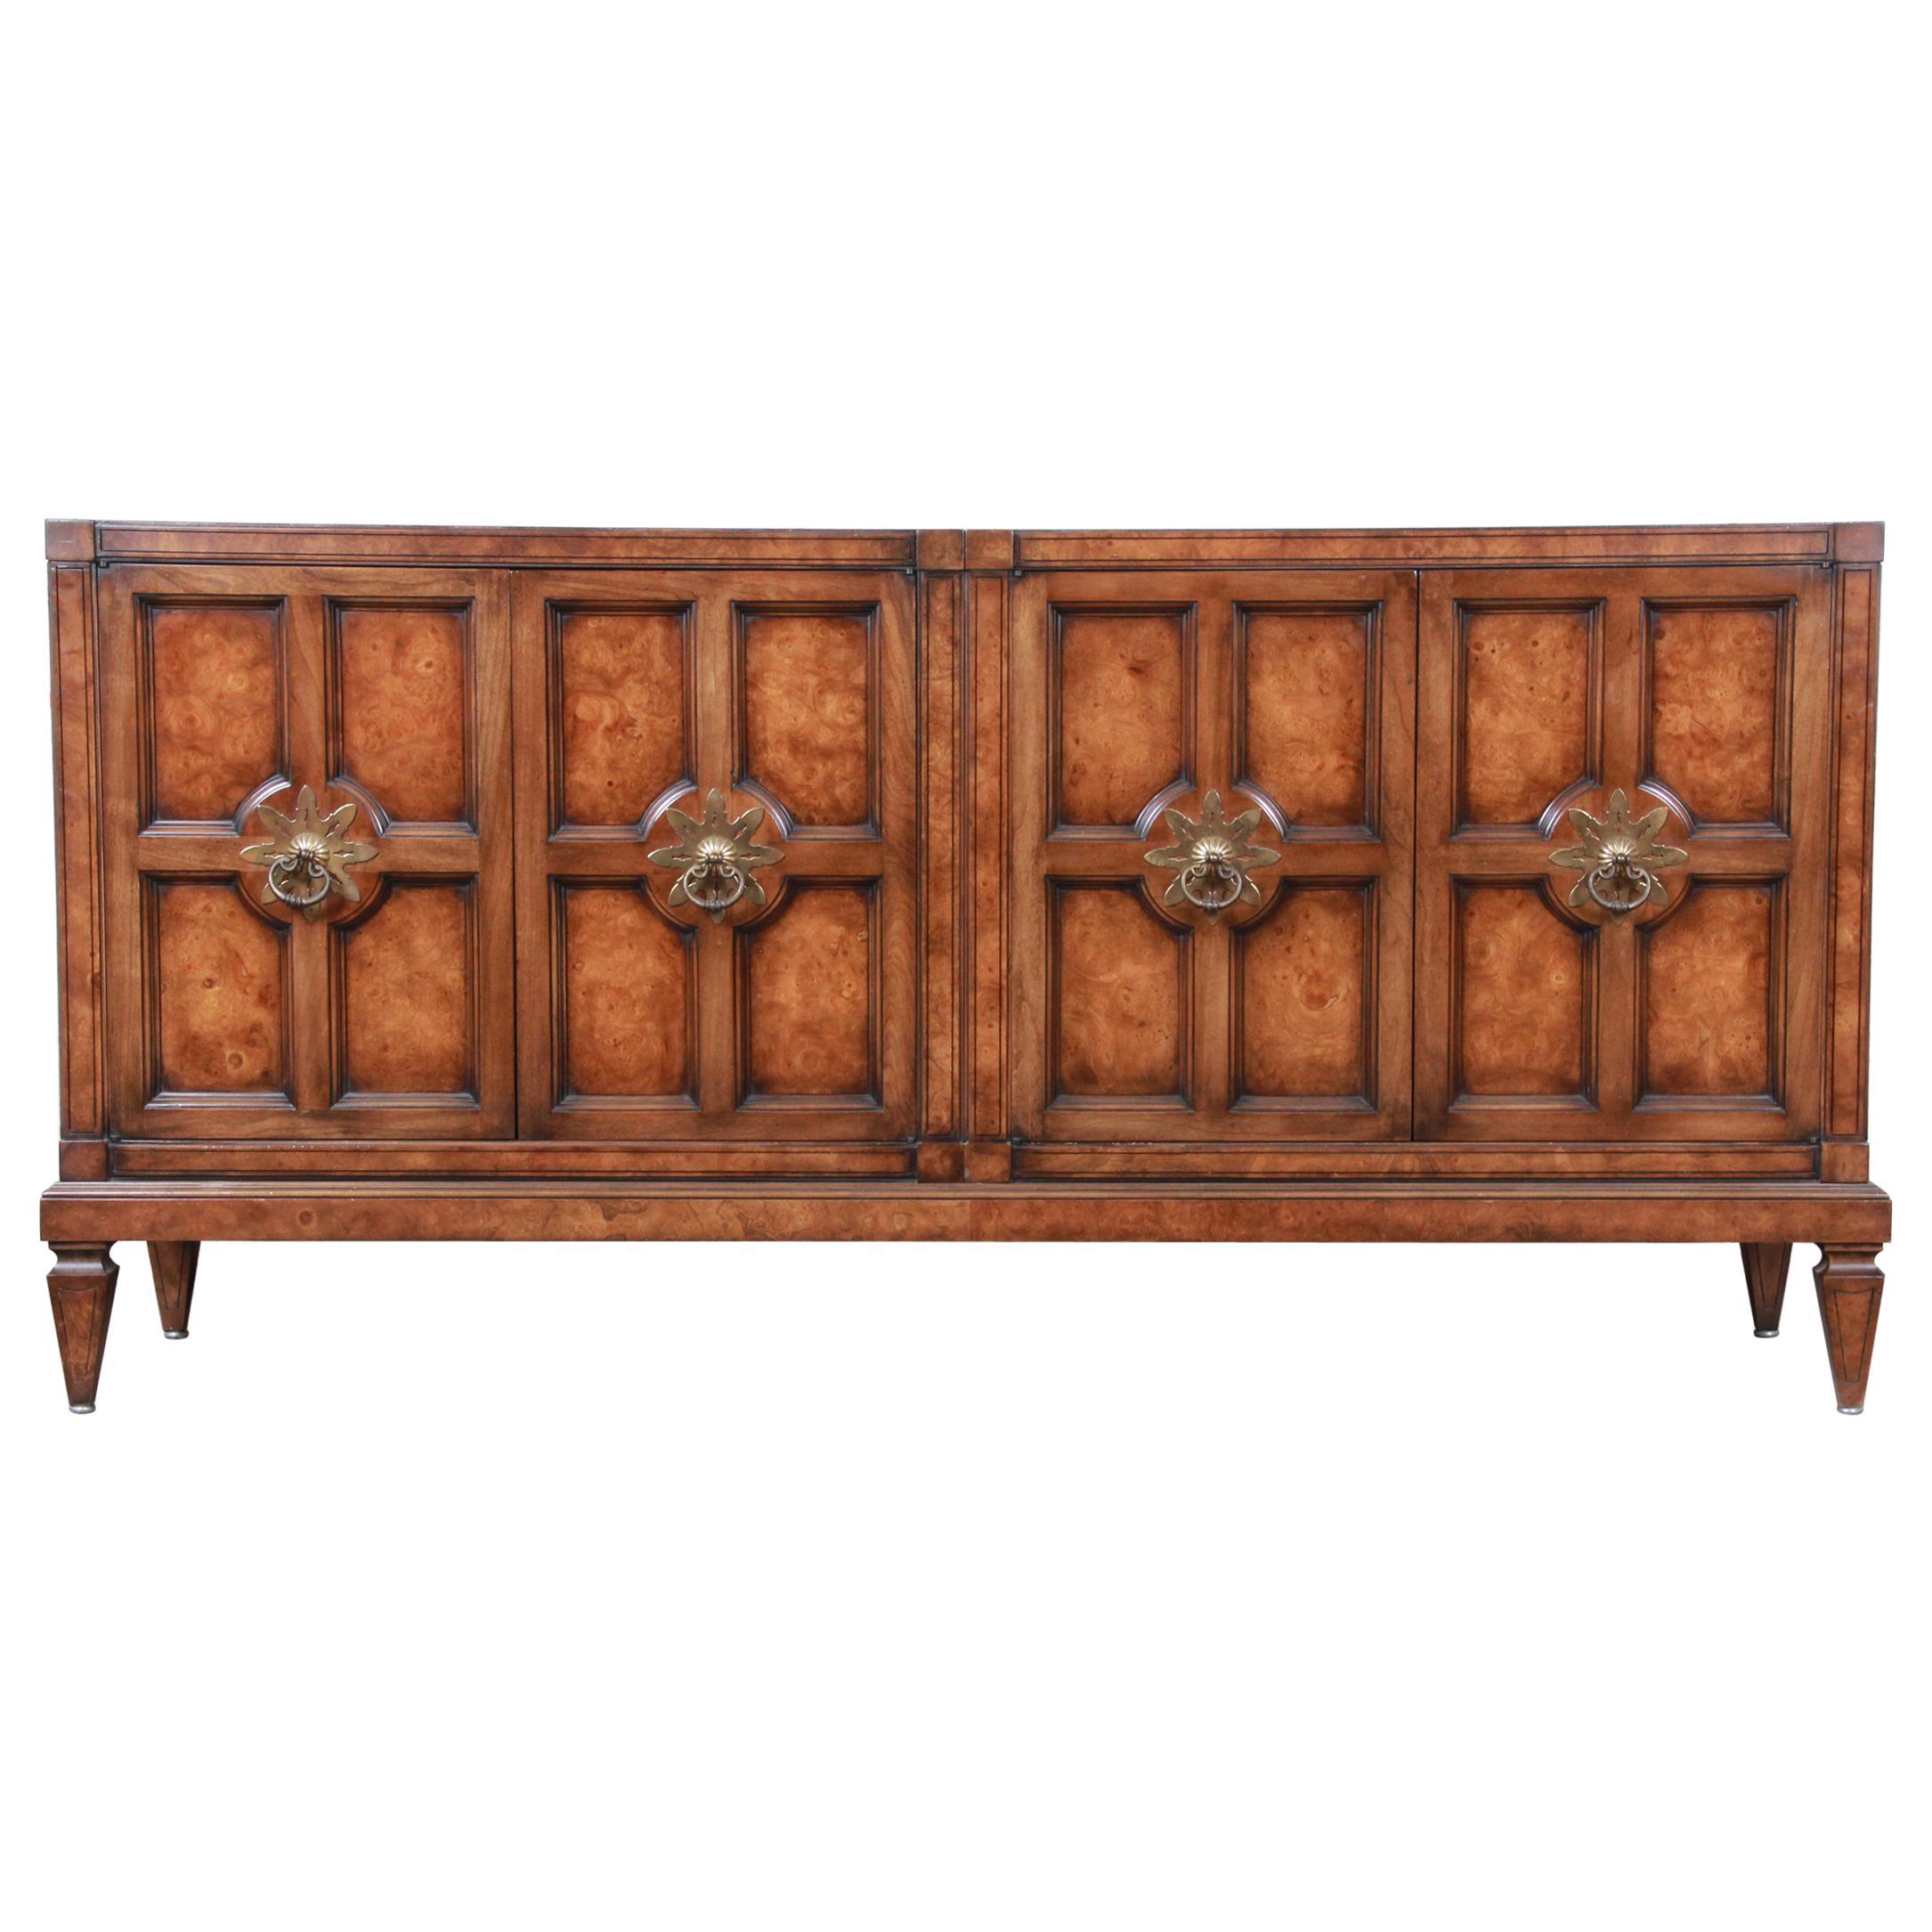 Mastercraft Hollywood Regency Burl Sideboard Credenza or Bar Cabinet, Restored